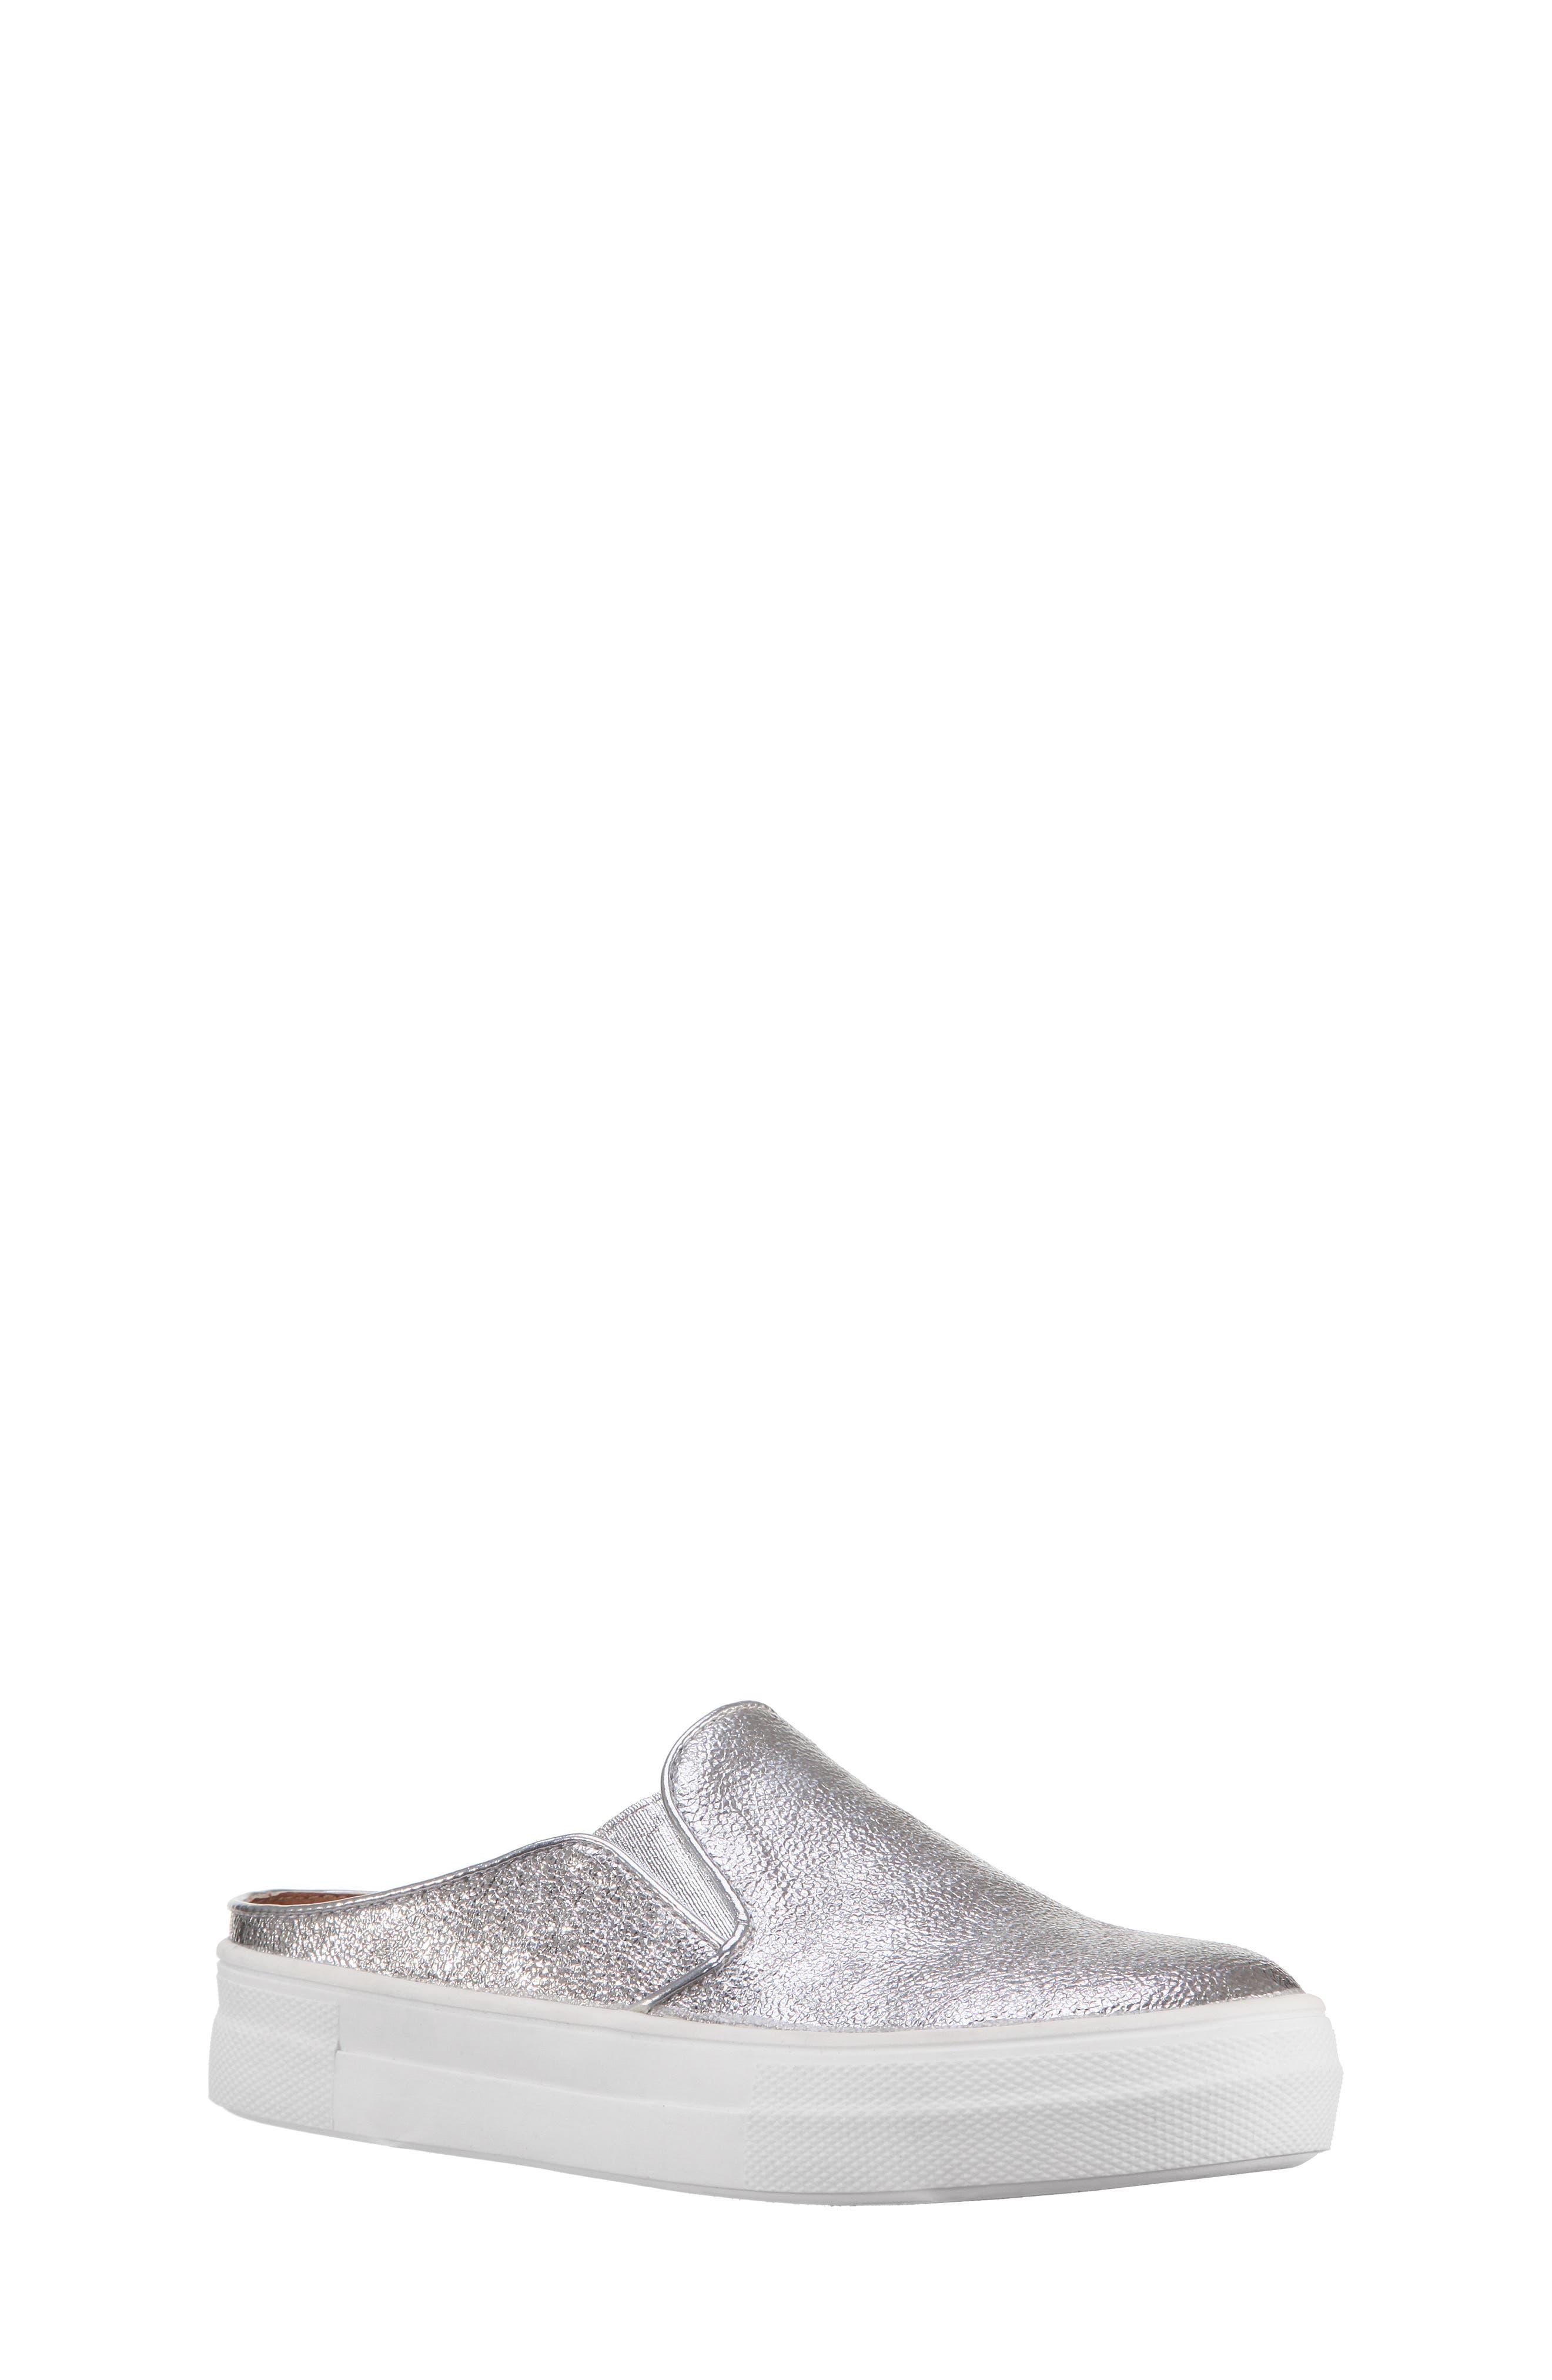 Gail Metallic Slip-On Sneaker Mule,                         Main,                         color, 044